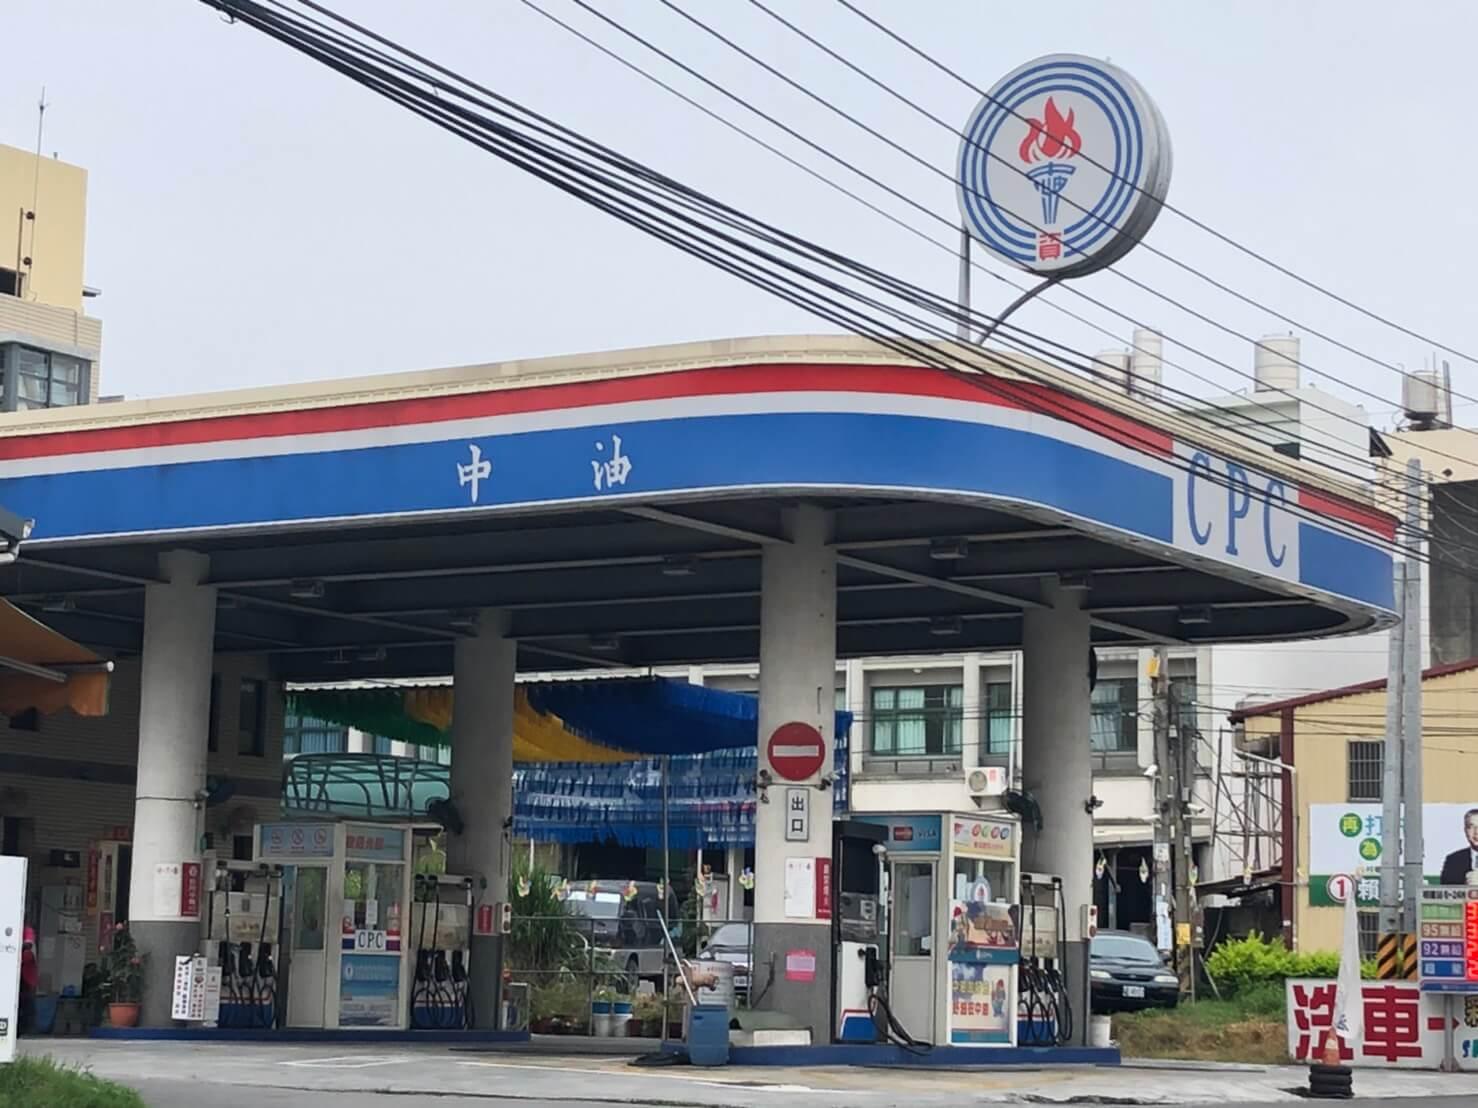 原油期貨市場跌深反彈 估下周汽柴油不調整 - Yahoo奇摩理財